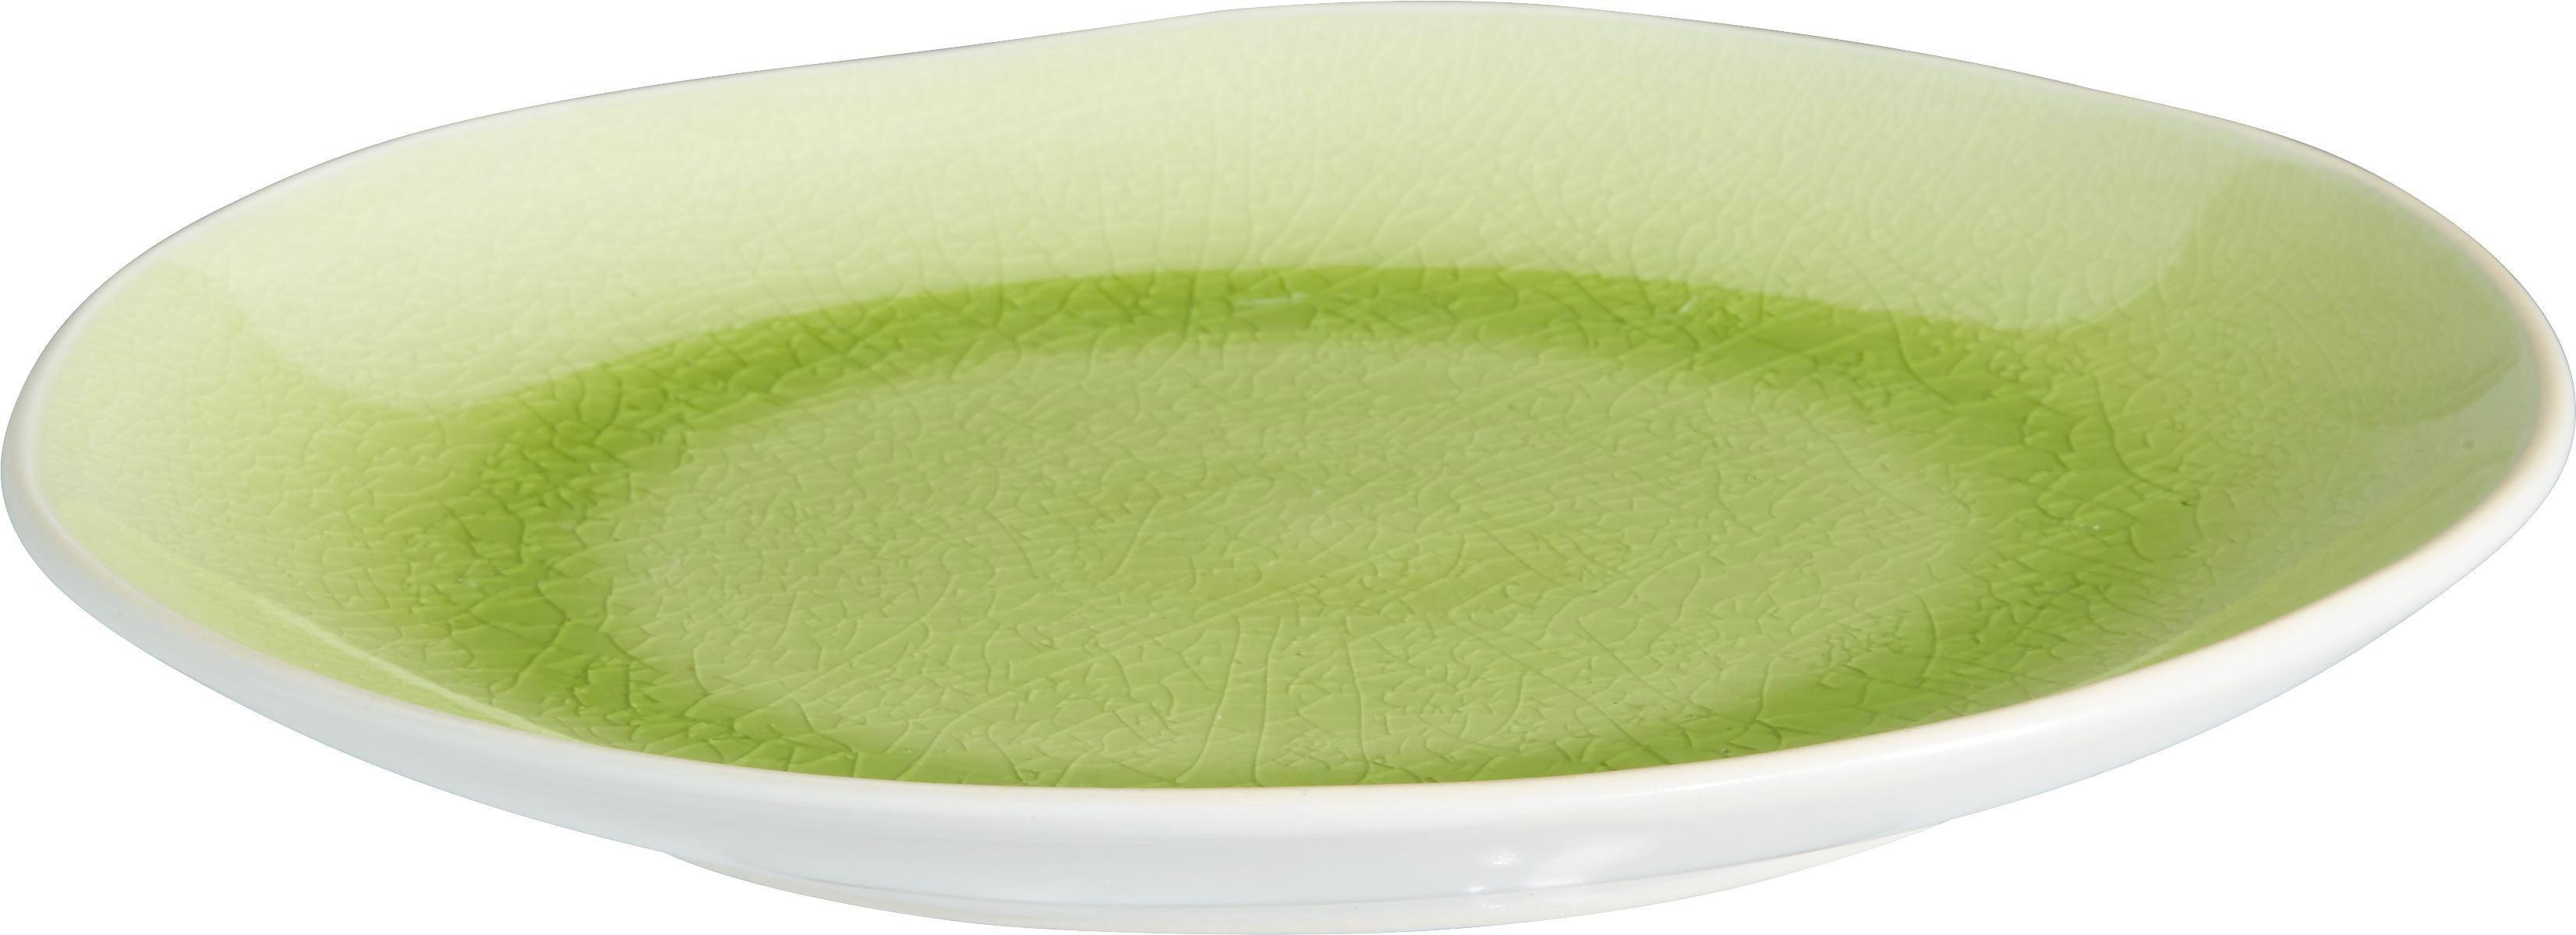 Desszertes Tányér Sina - fehér/zöld, Lifestyle, kerámia (22,5/2,4cm) - MÖMAX modern living